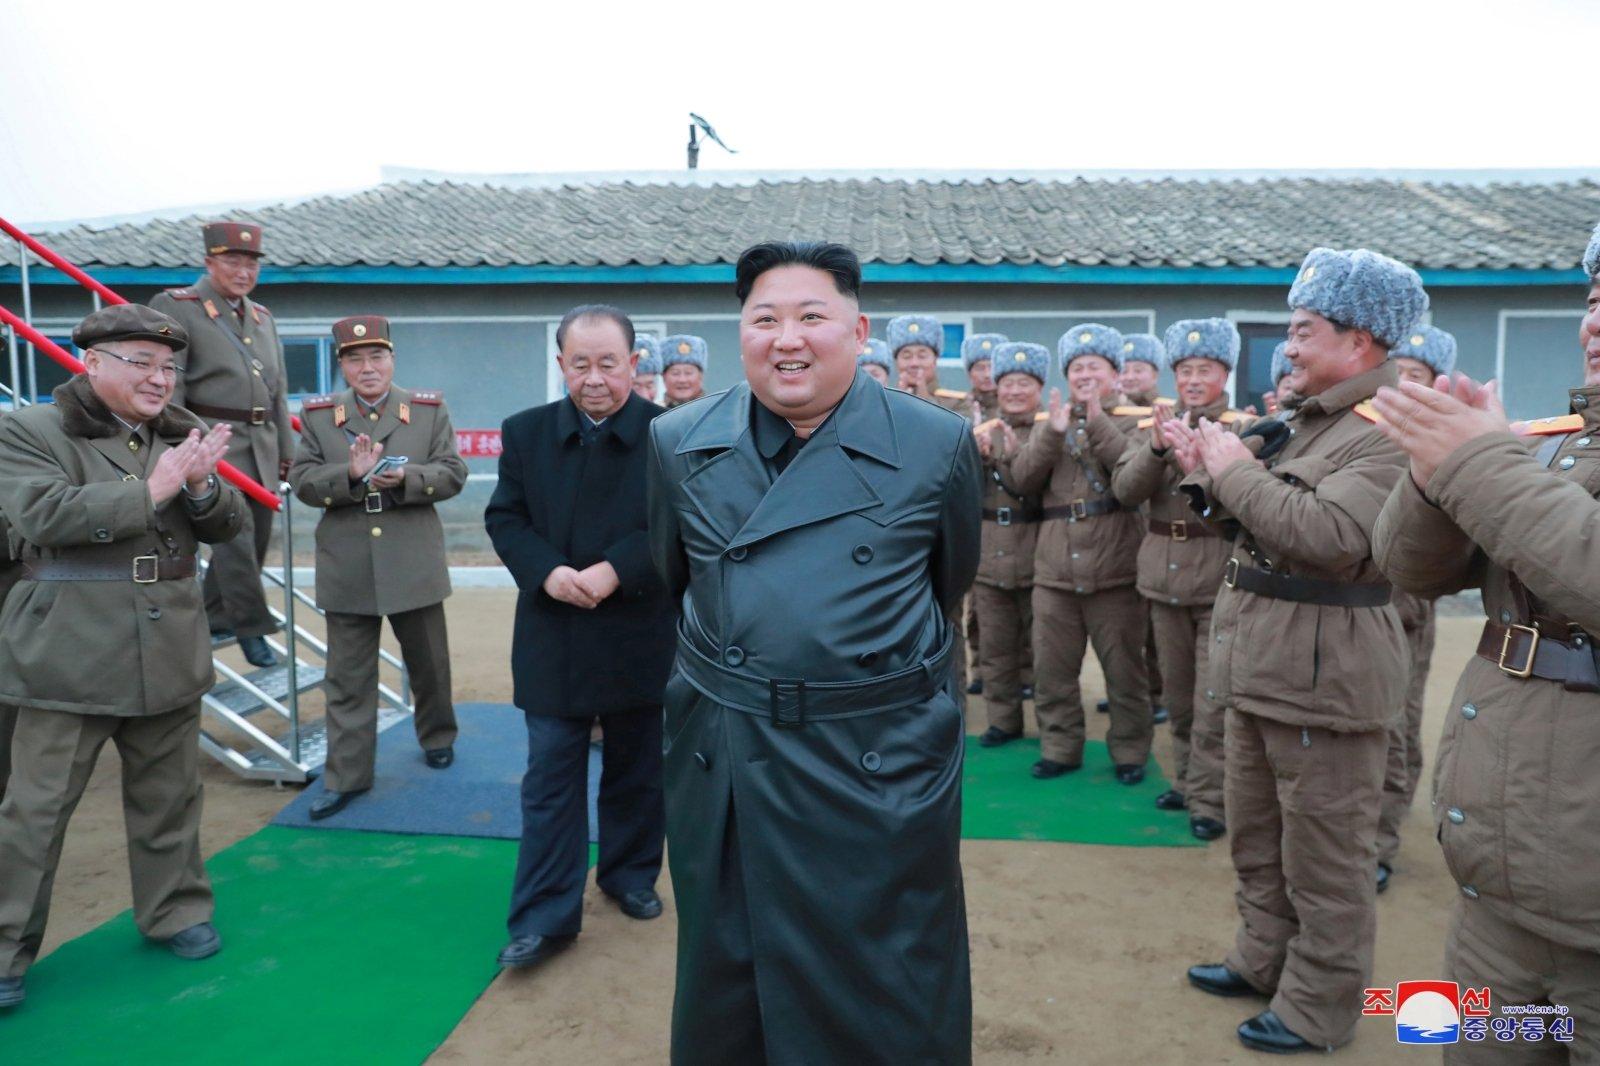 Трамп предложил Ким Чен Ыну встретиться в демилитаризованной зоне